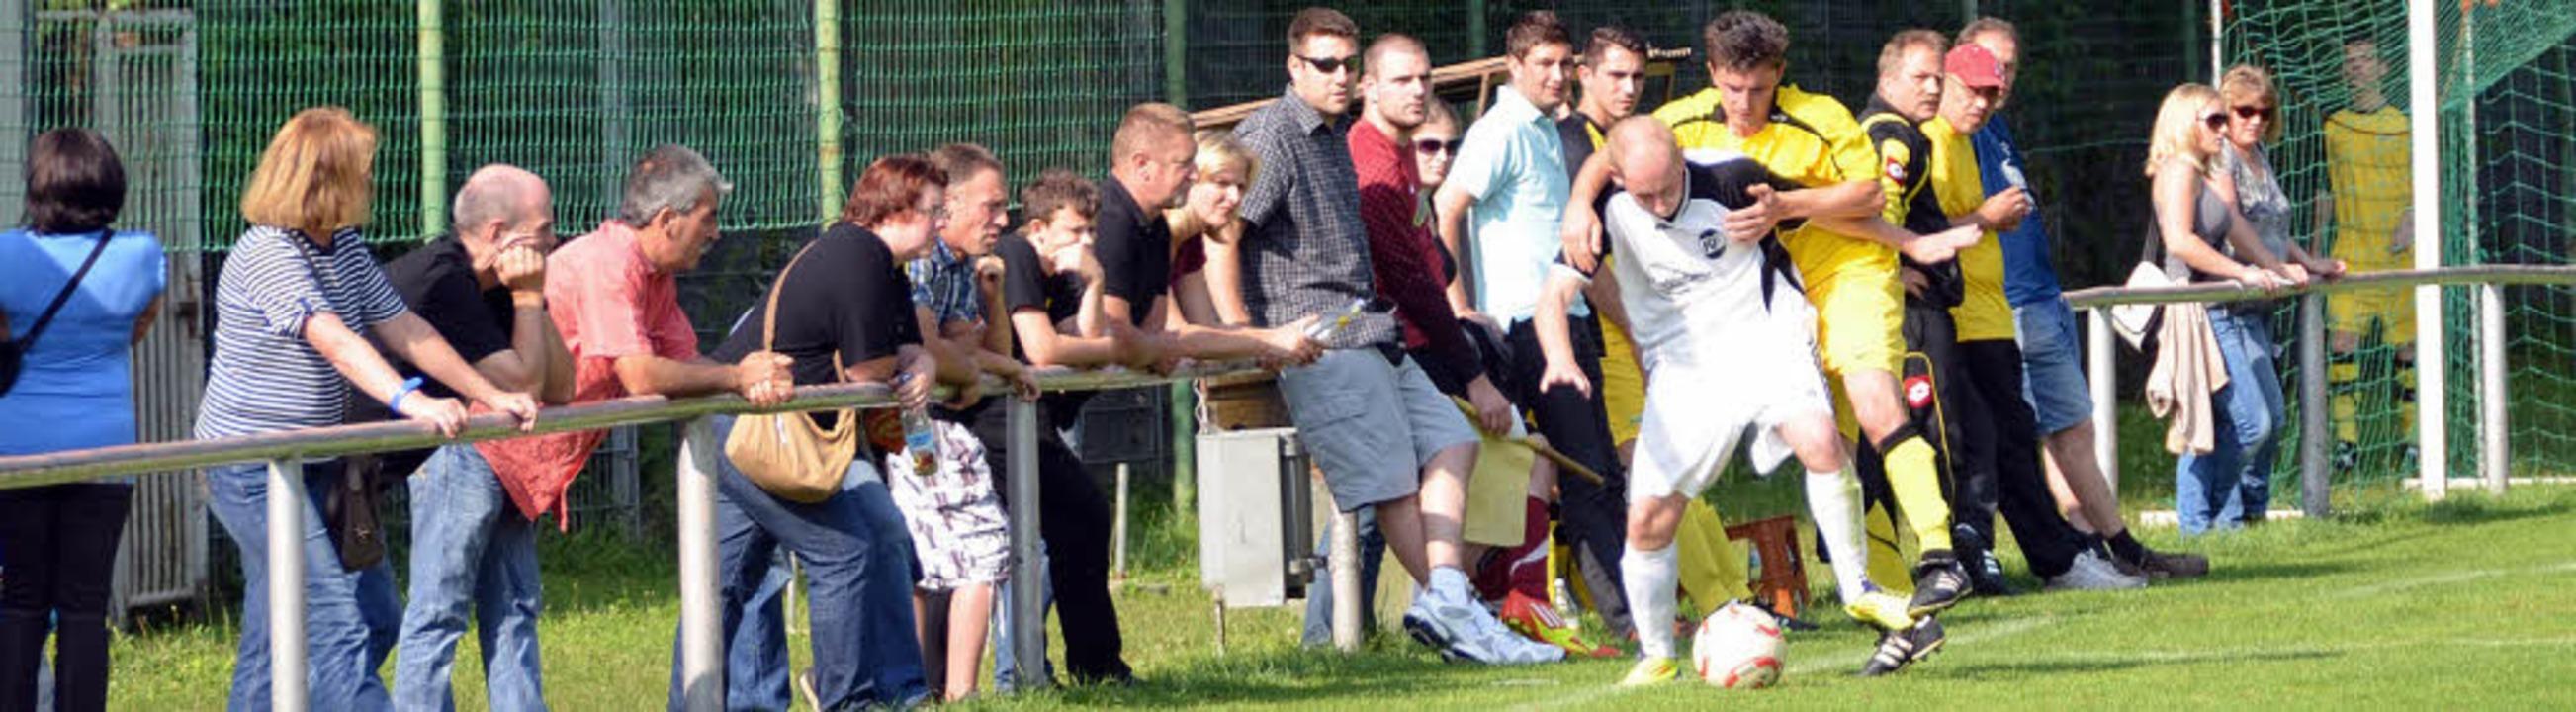 Hart gekämpft wurde bei den Turnieren der Haltinger Sportwoche um jeden Ball.     Foto: STEINECK